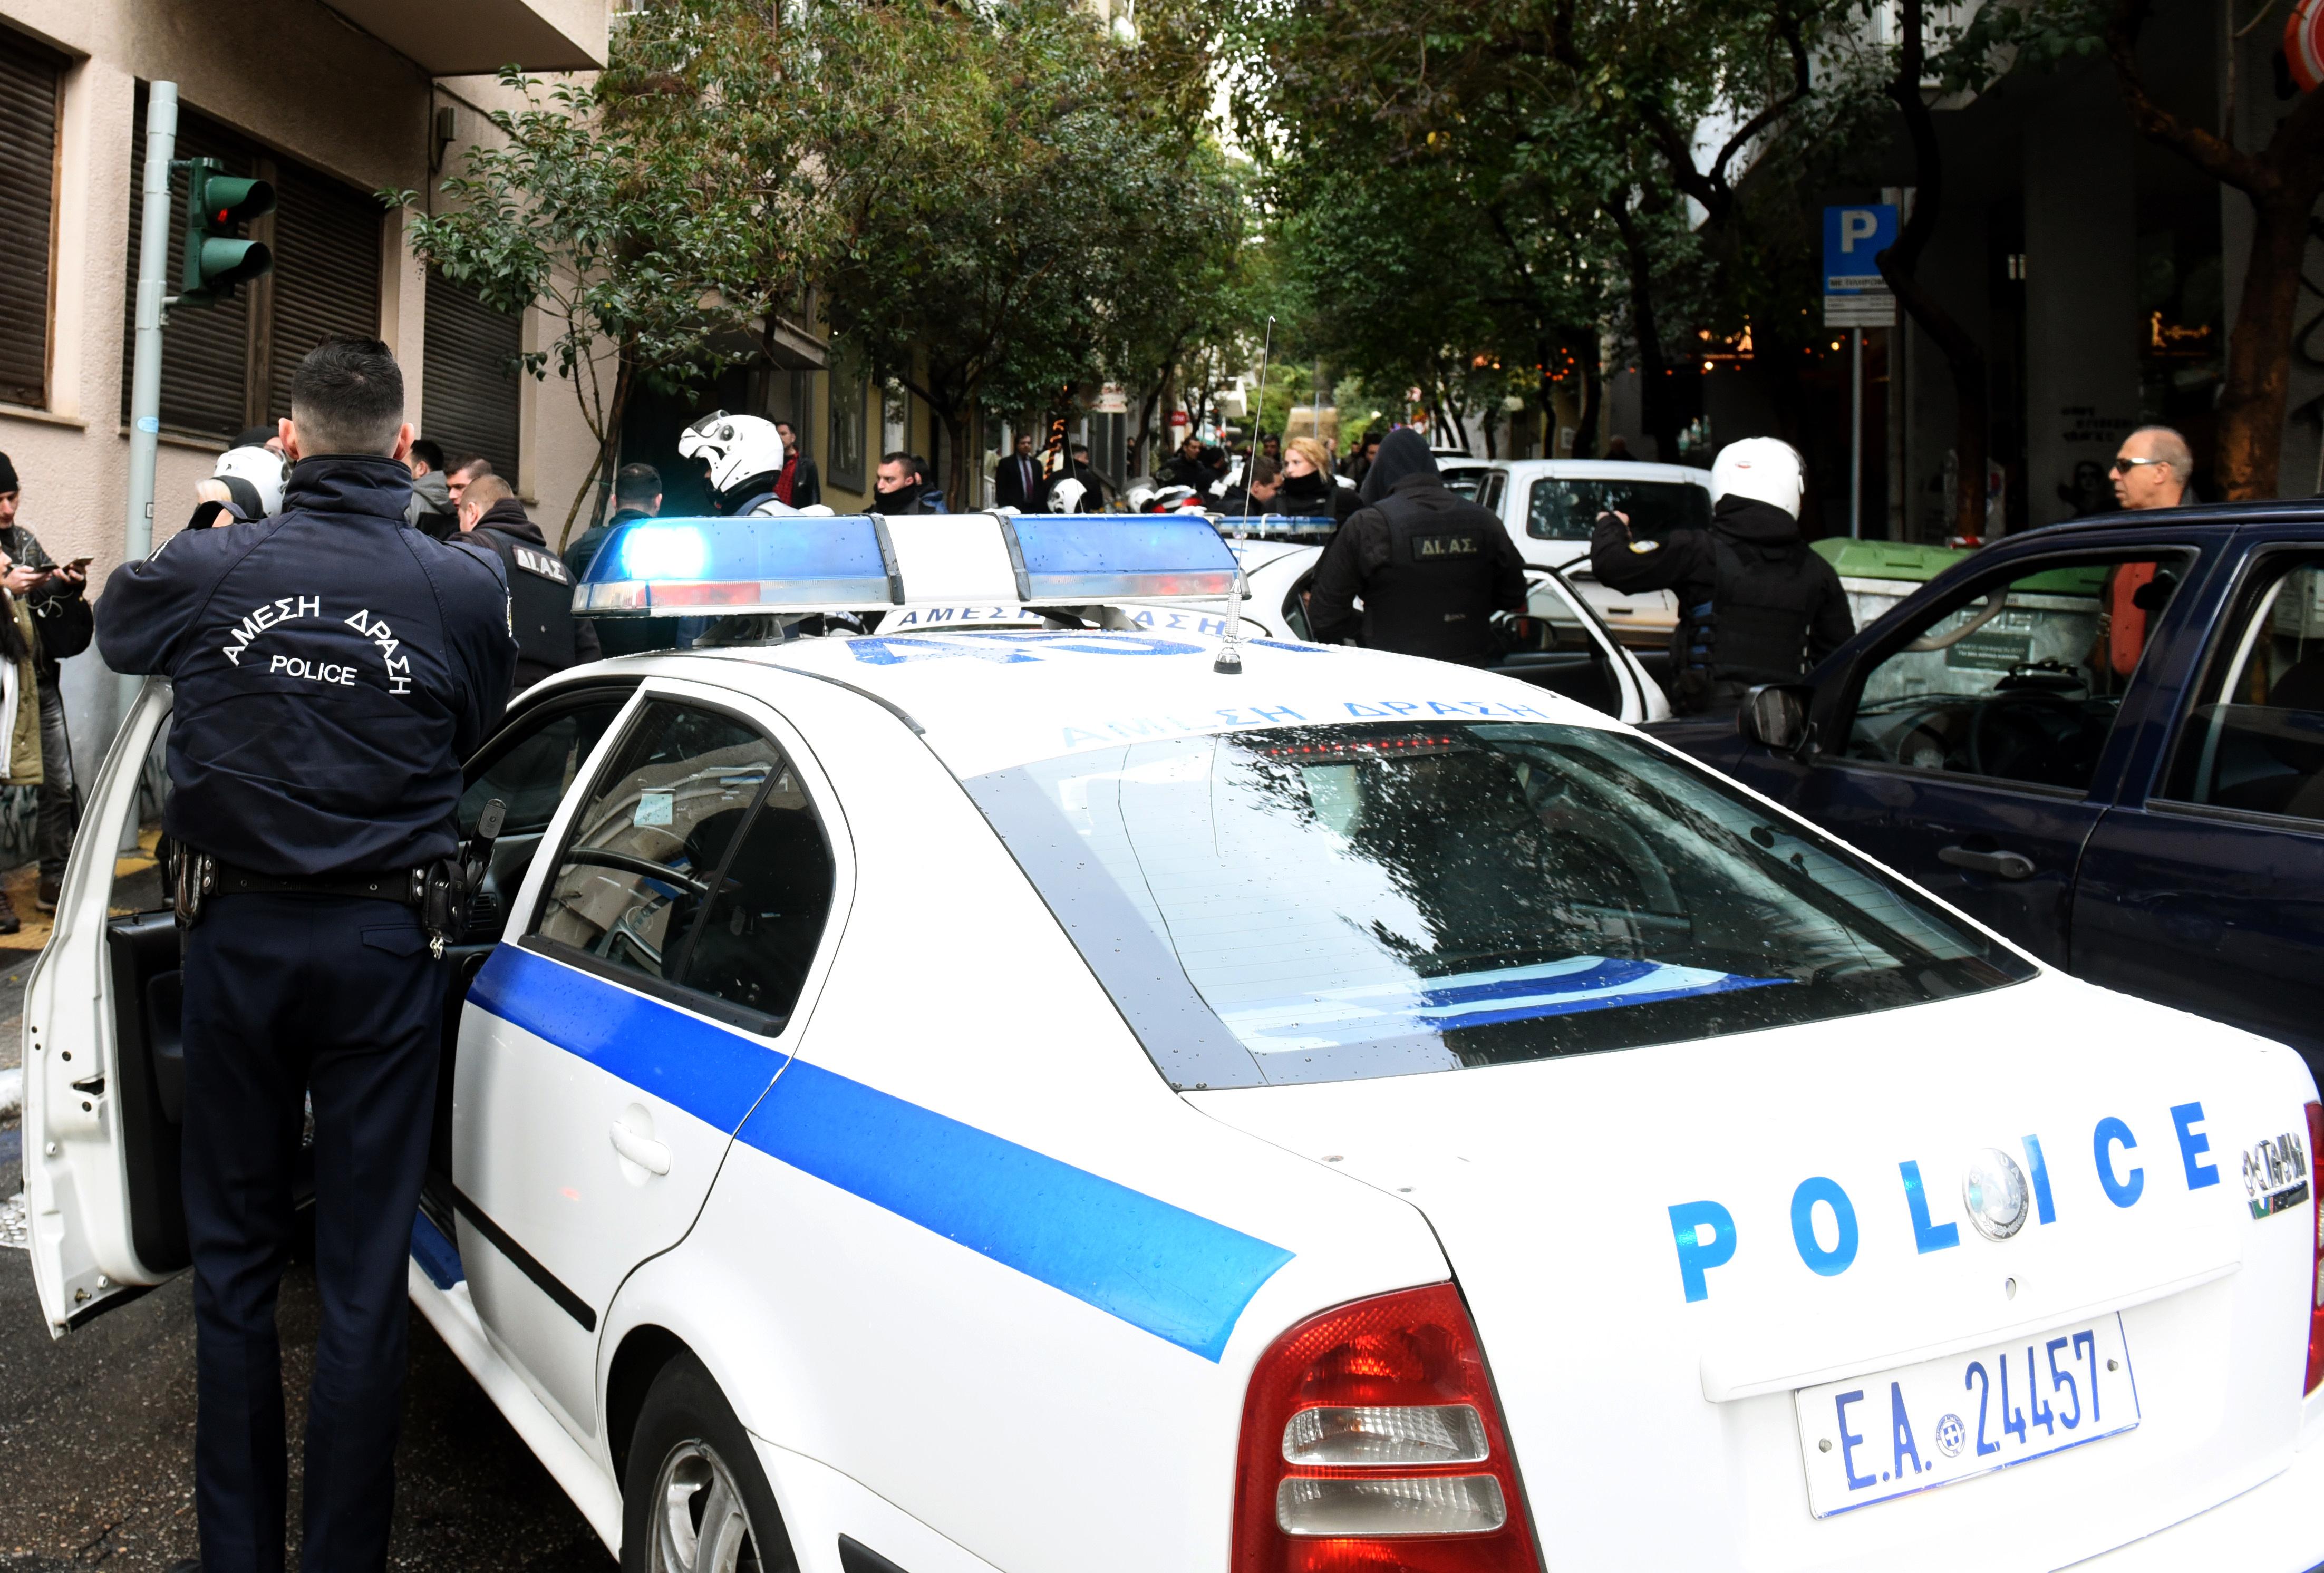 Η ΕΛ.ΑΣ αποσυνδέει την δολοφονία του 19χρονου με επίθεση ληστών | tovima.gr